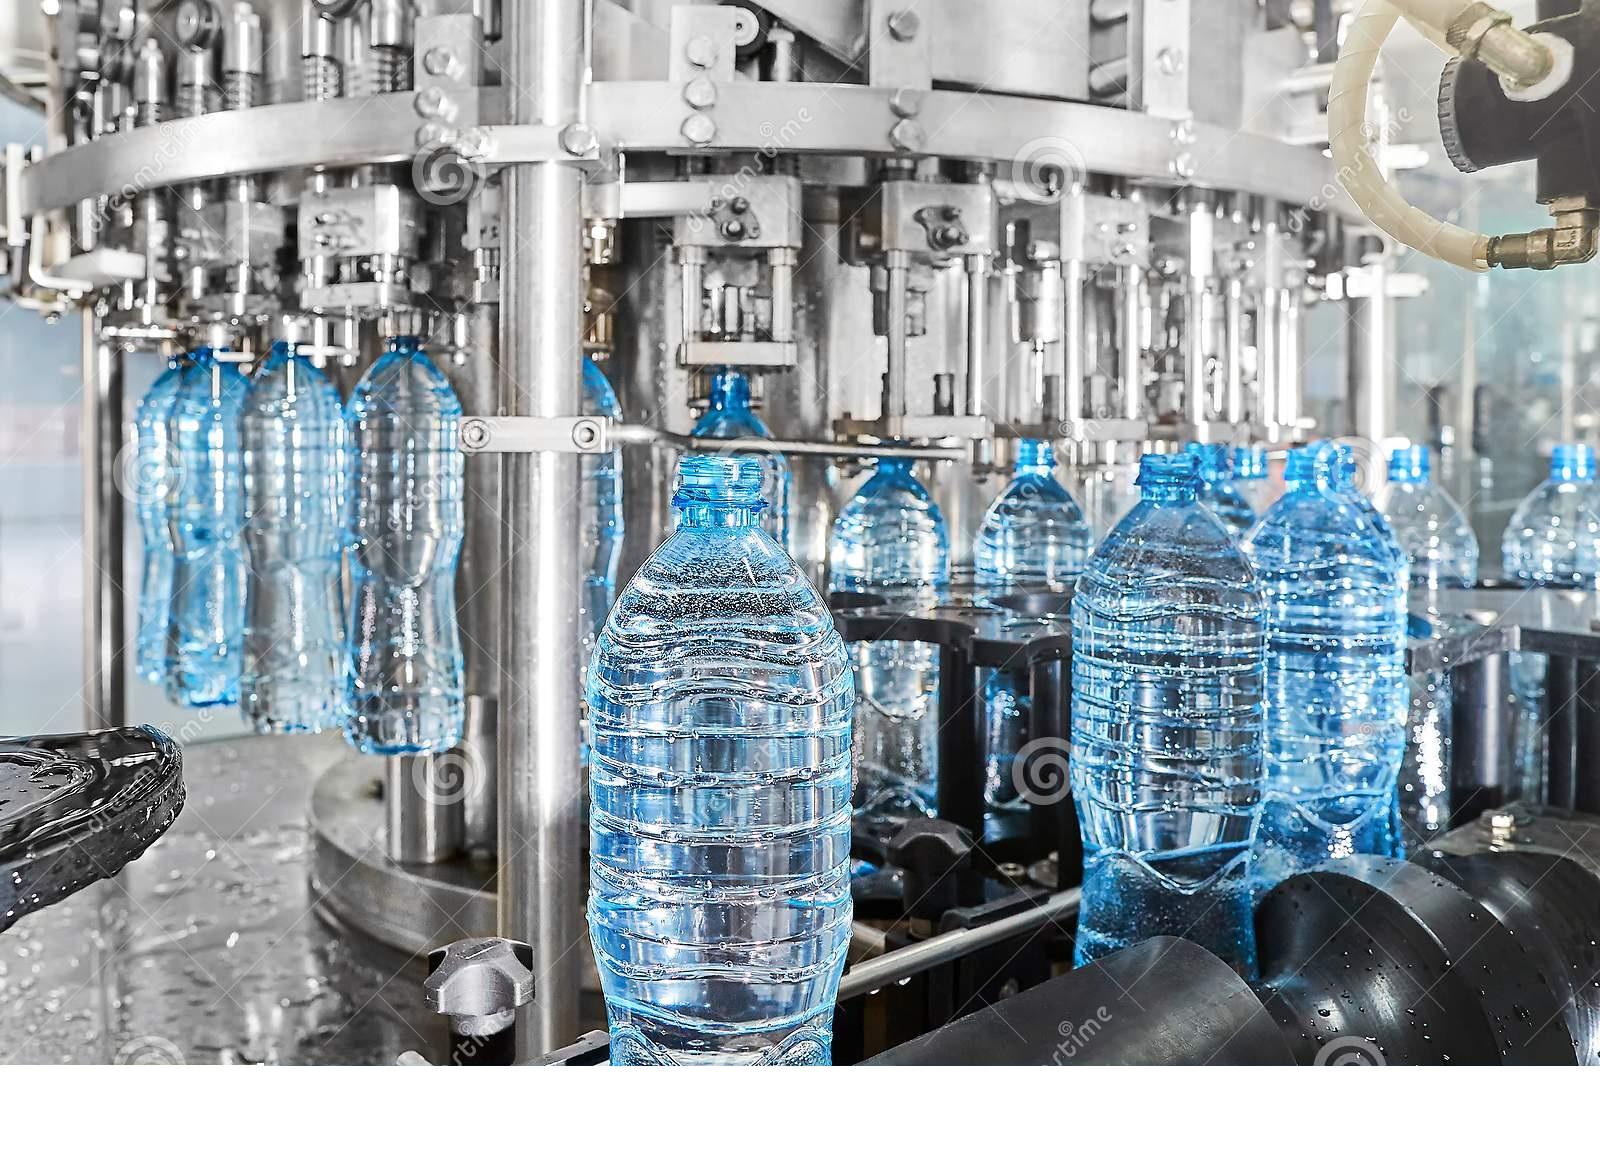 نیمه پنهان بطری های آب معدنی